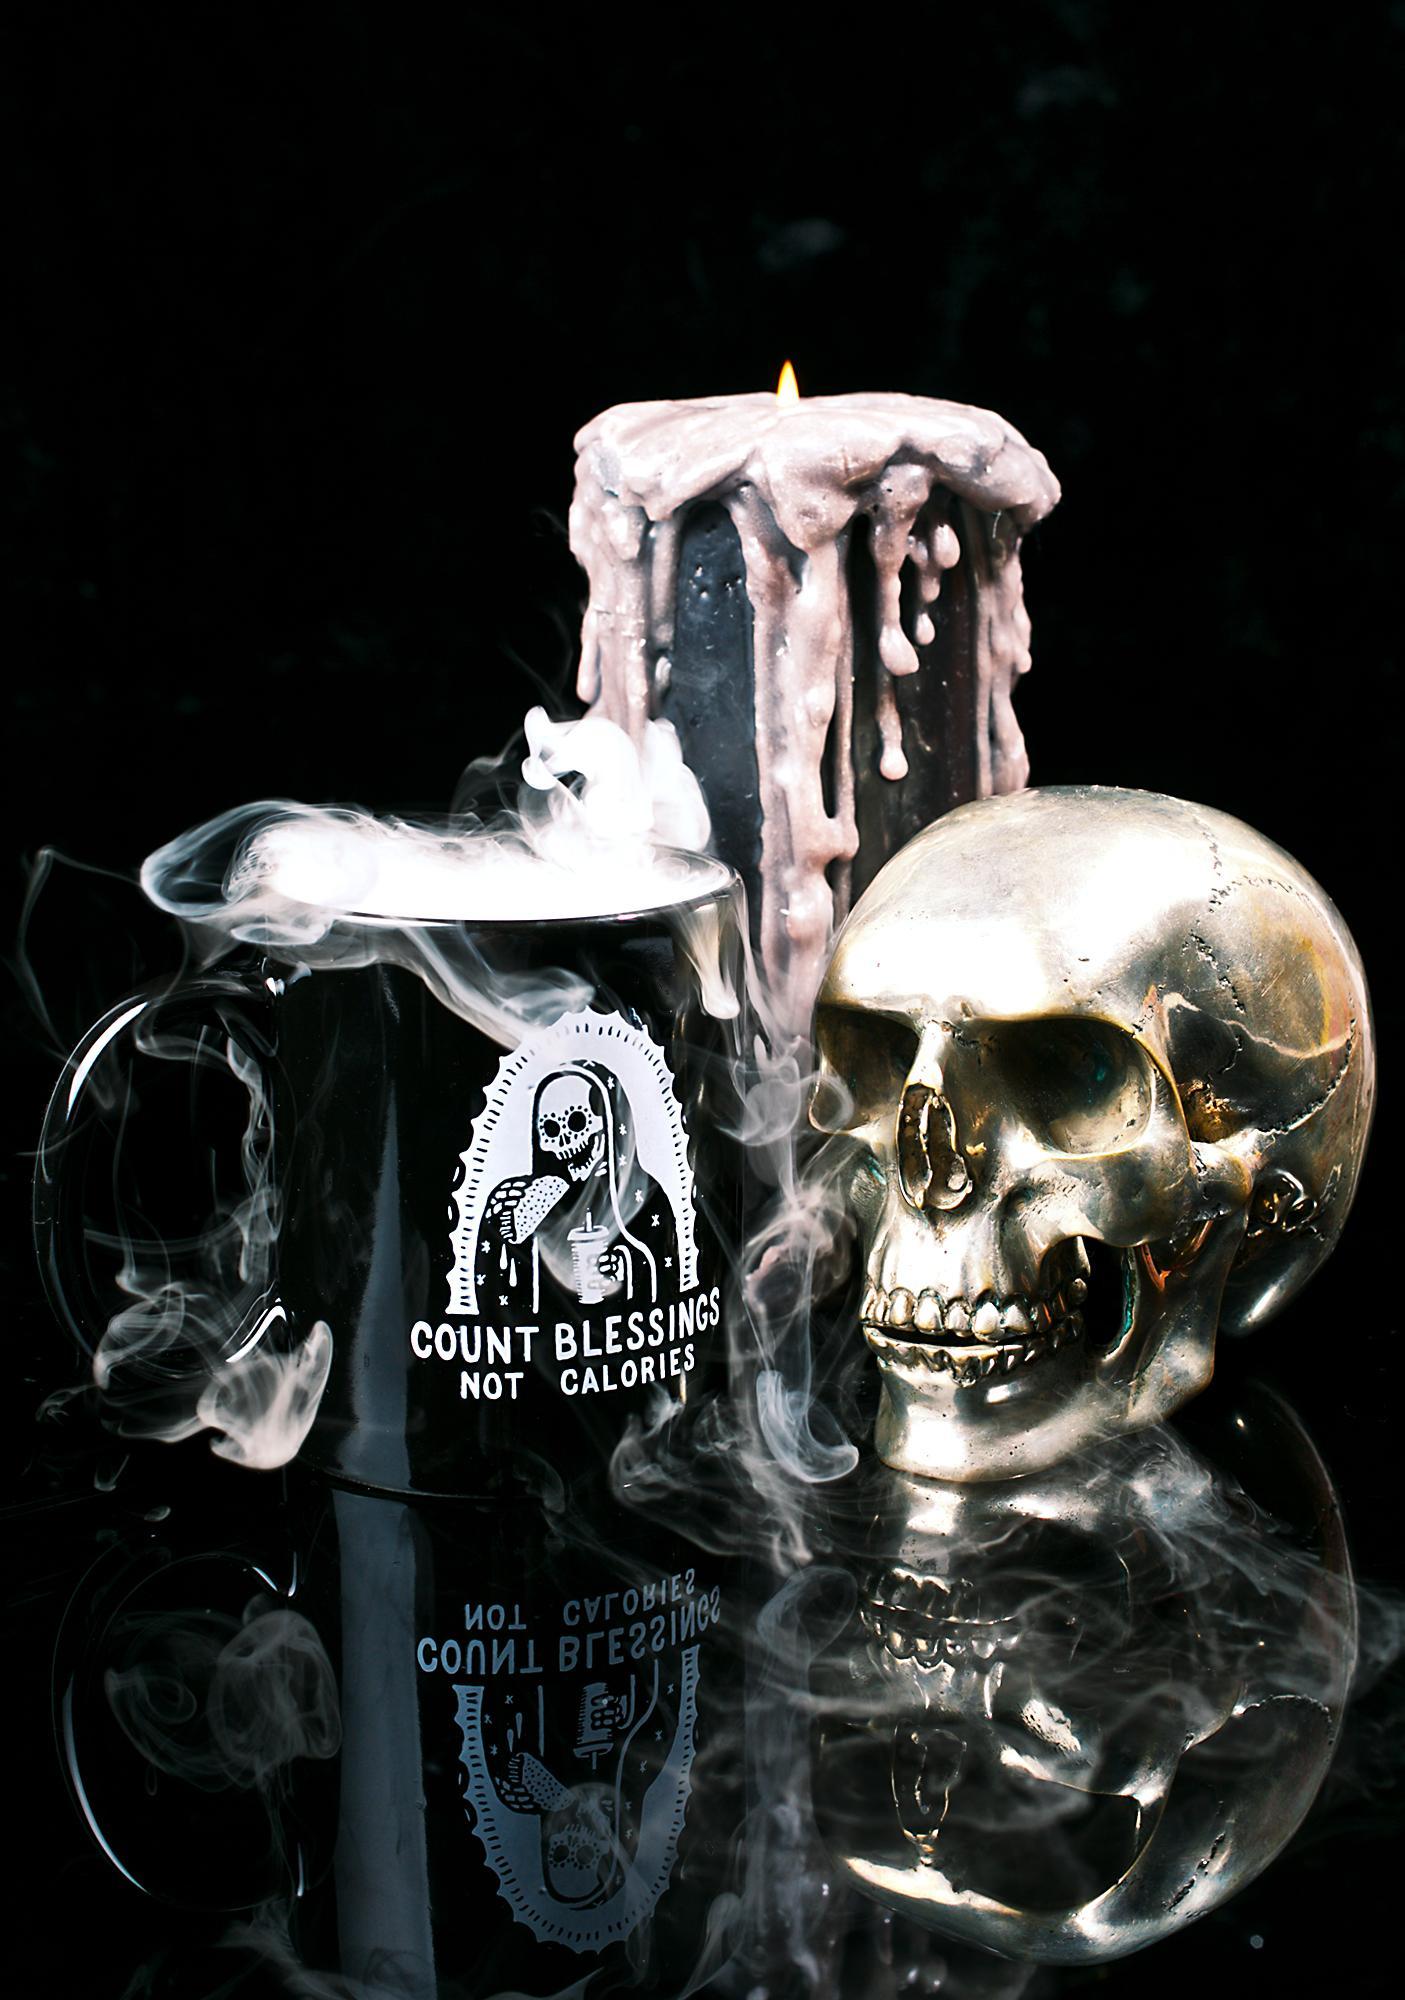 Count Blessings Ceramic Mug